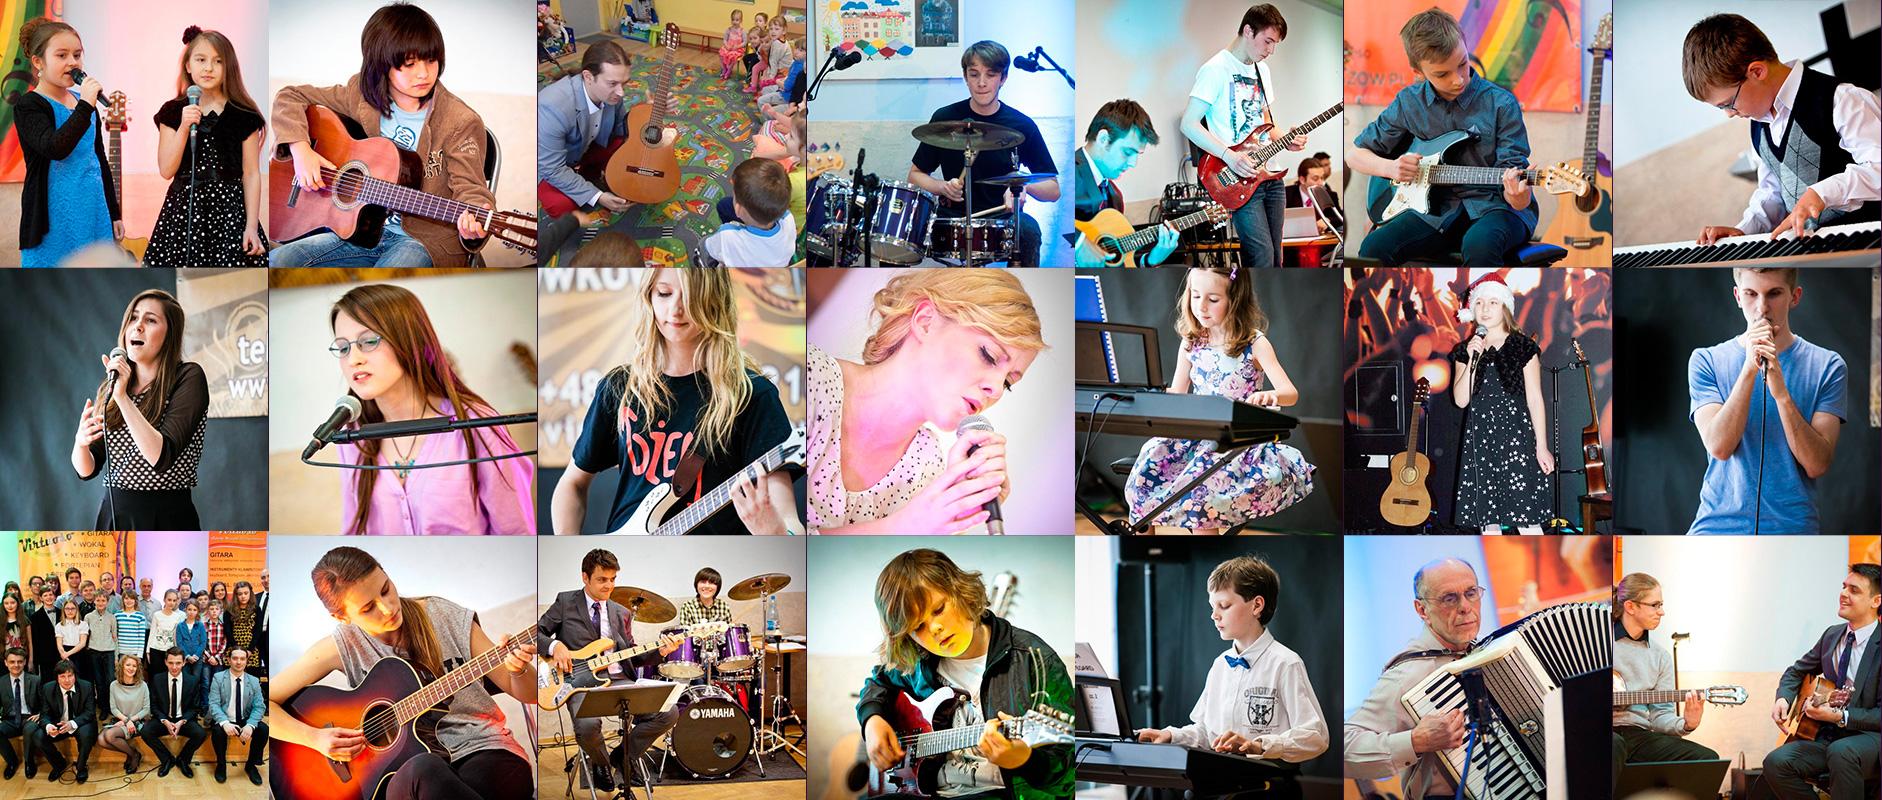 Uczniowie szkoły muzycznej Virtuoso w trakcie swoich występów.